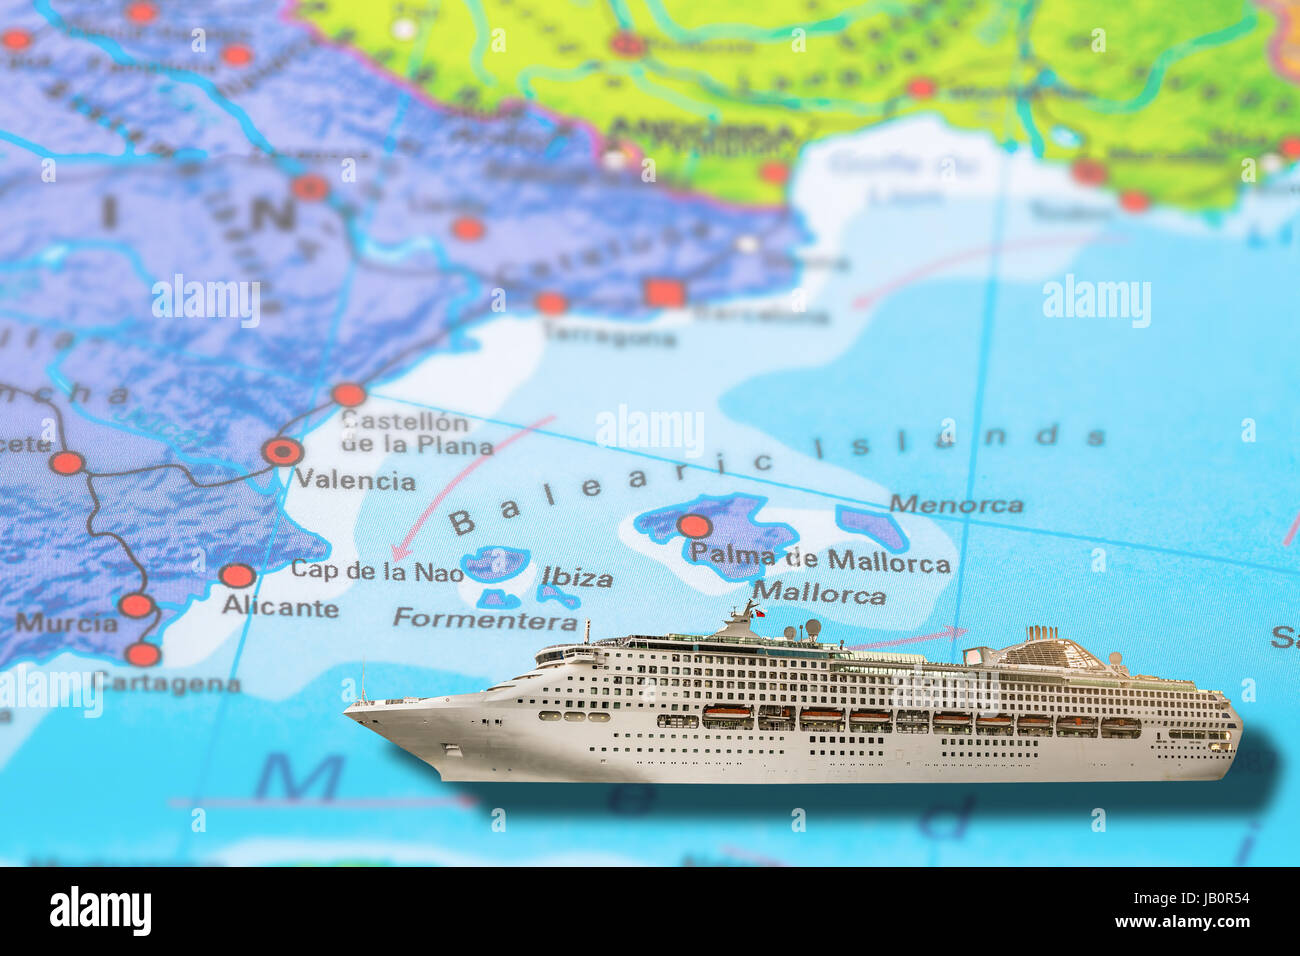 Cartina Geografica Spagna E Formentera.Ibiza E Formentera Valencia In Spagna La Nave Di Crociera